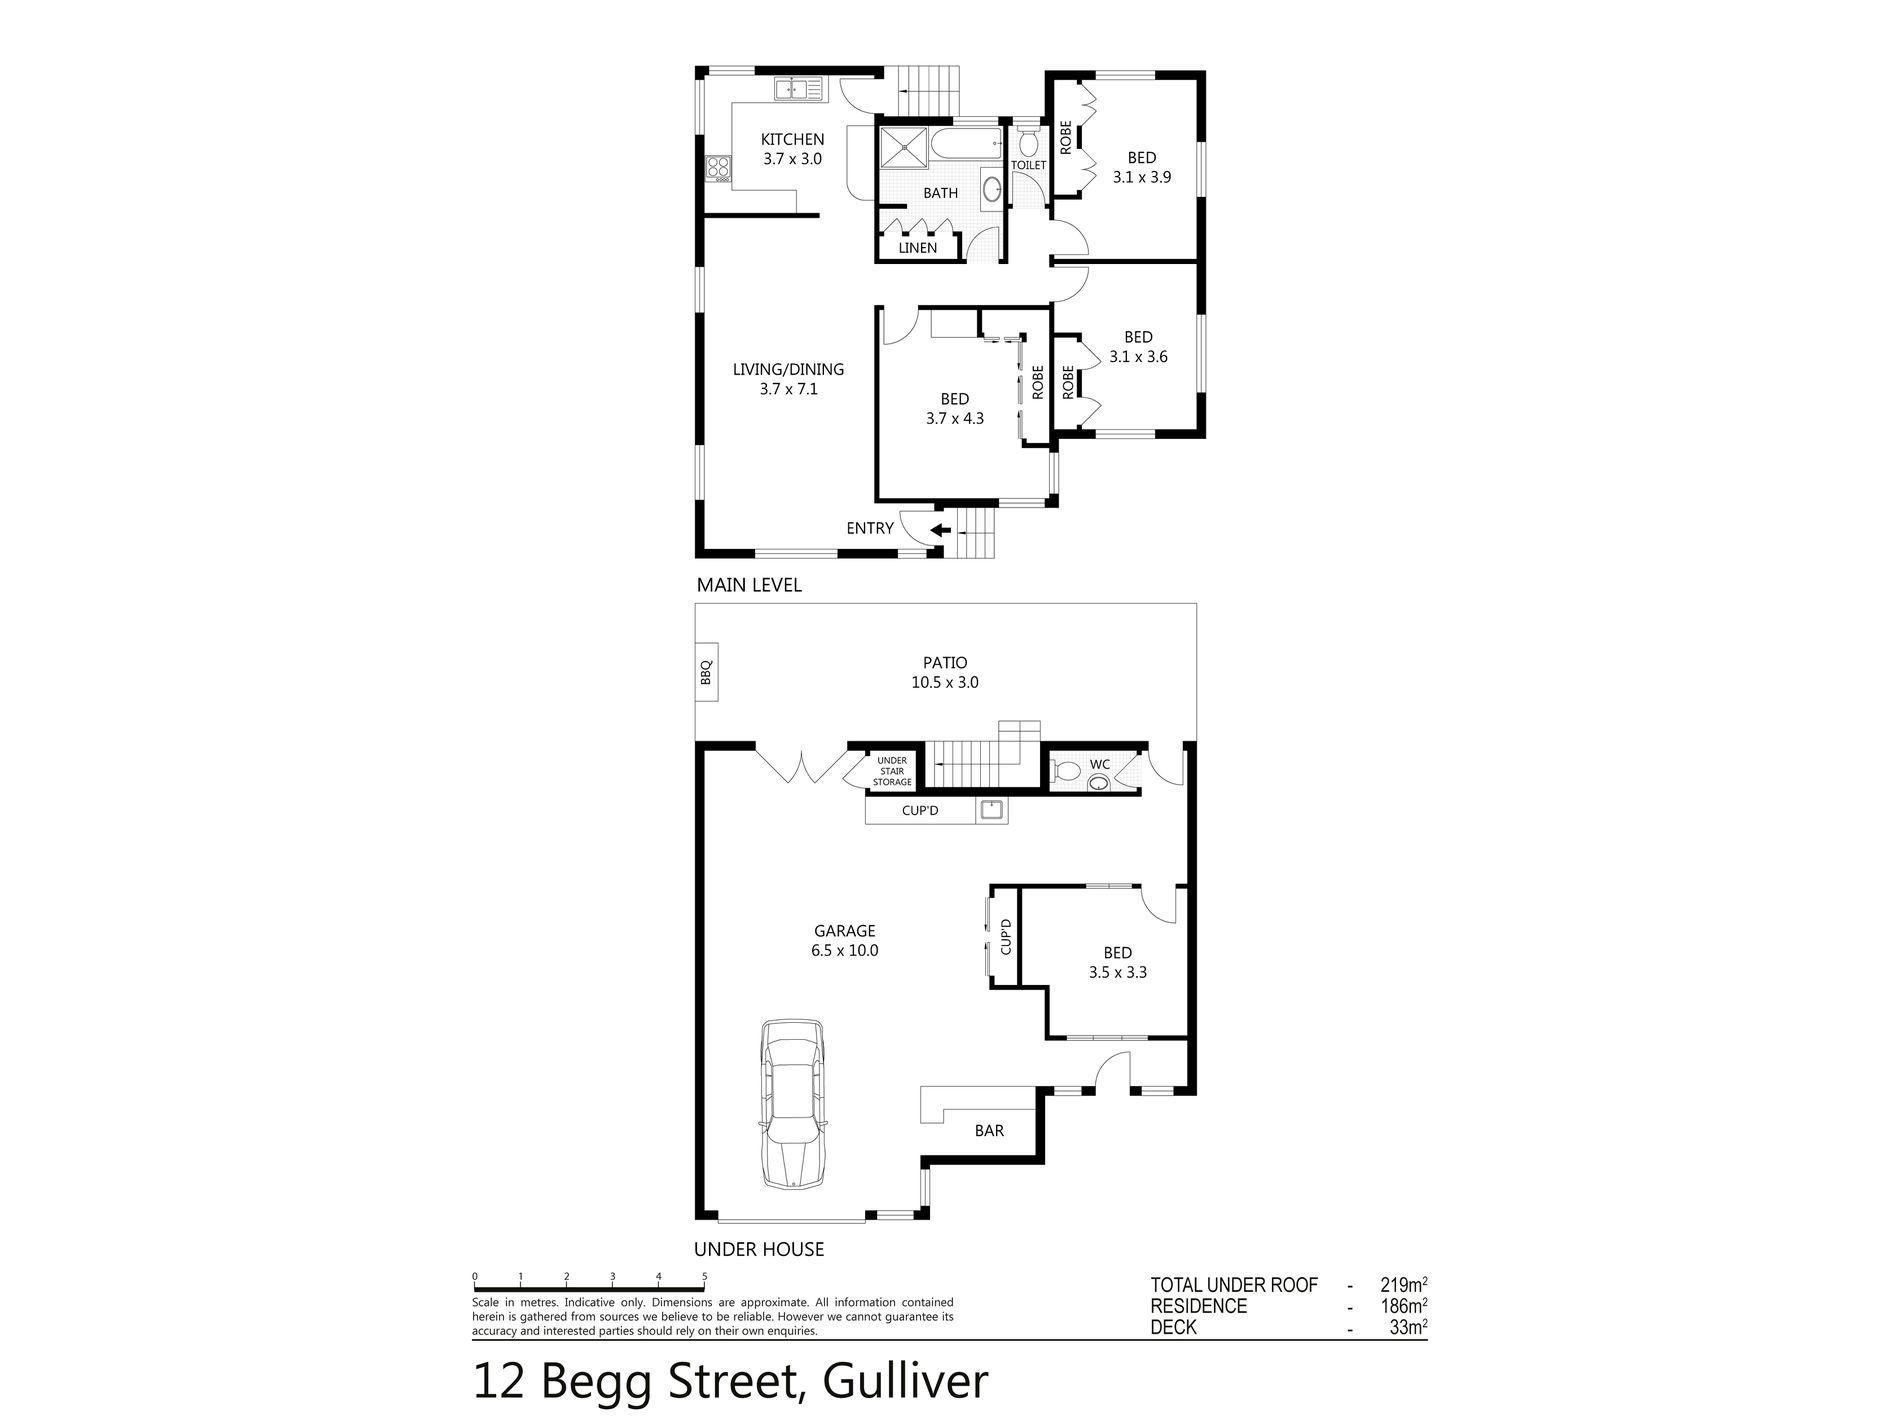 12 Begg Street, Gulliver